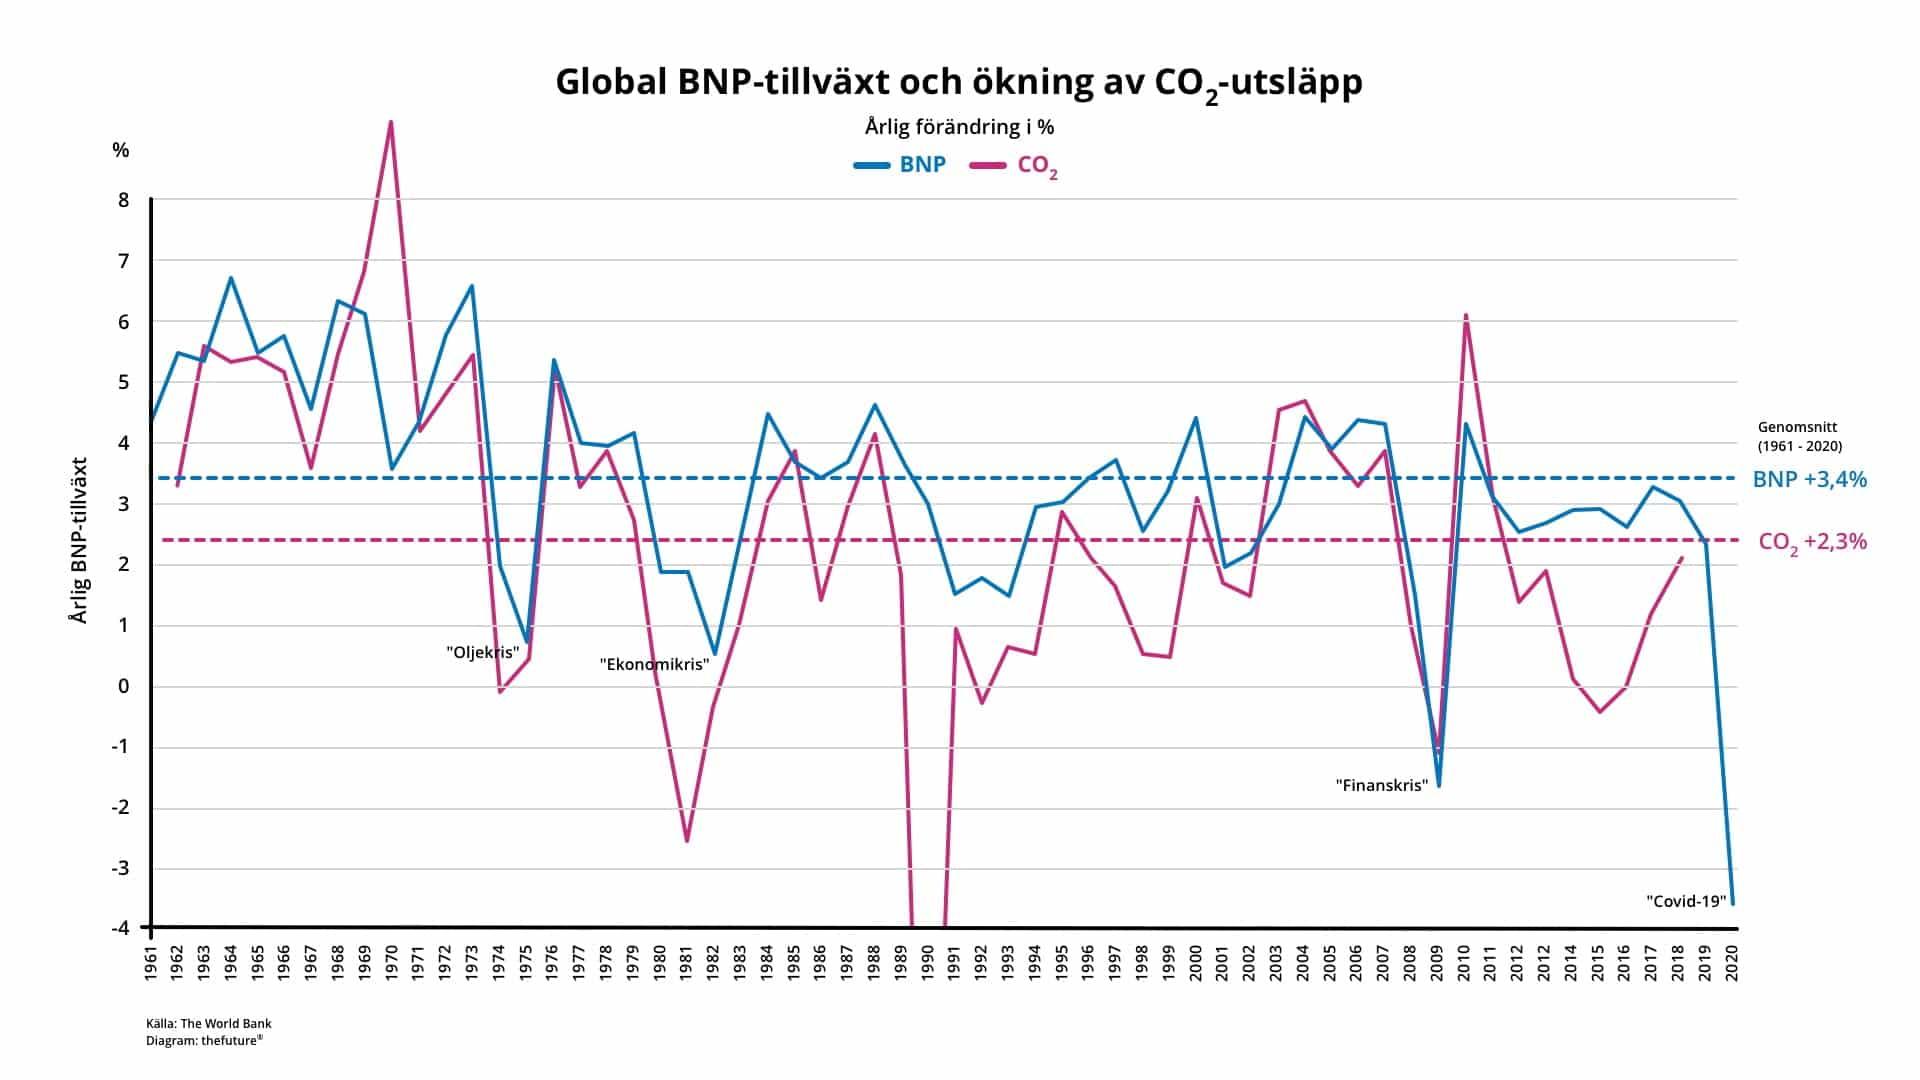 thefuture, Global BNP-tillväxt